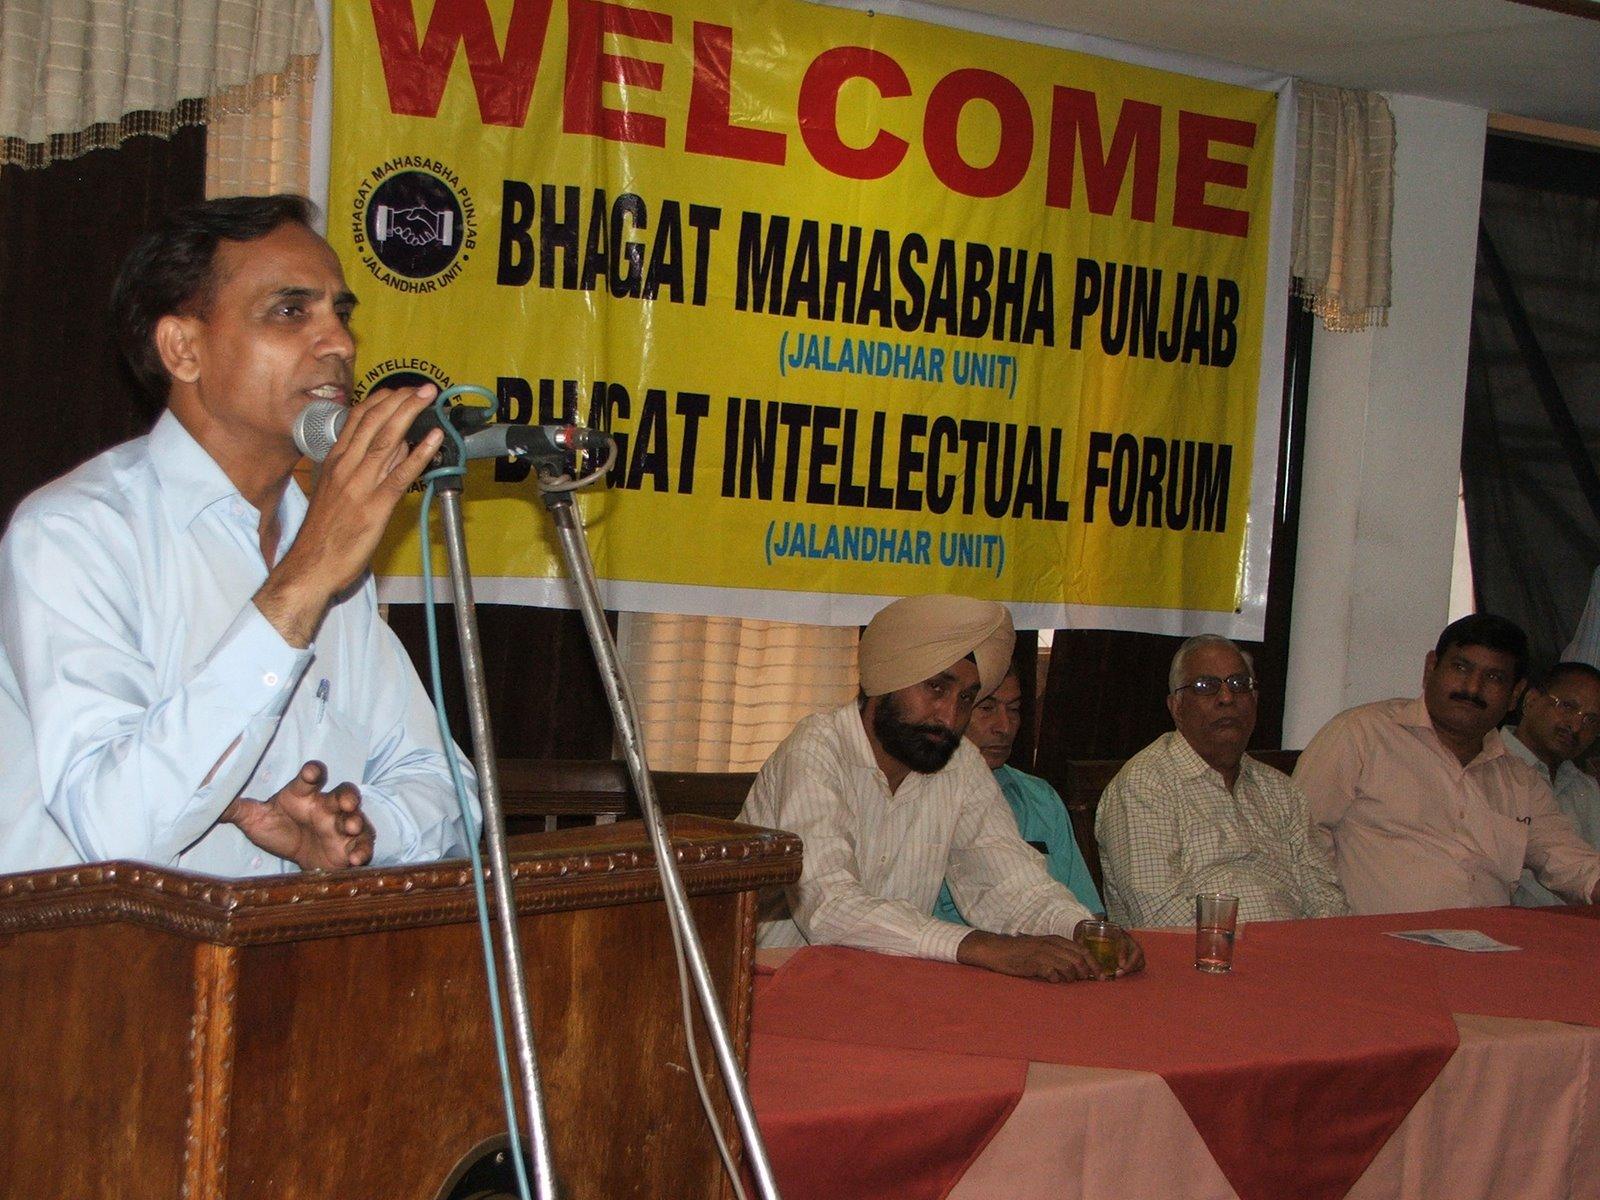 Bhagat mahasabha activities